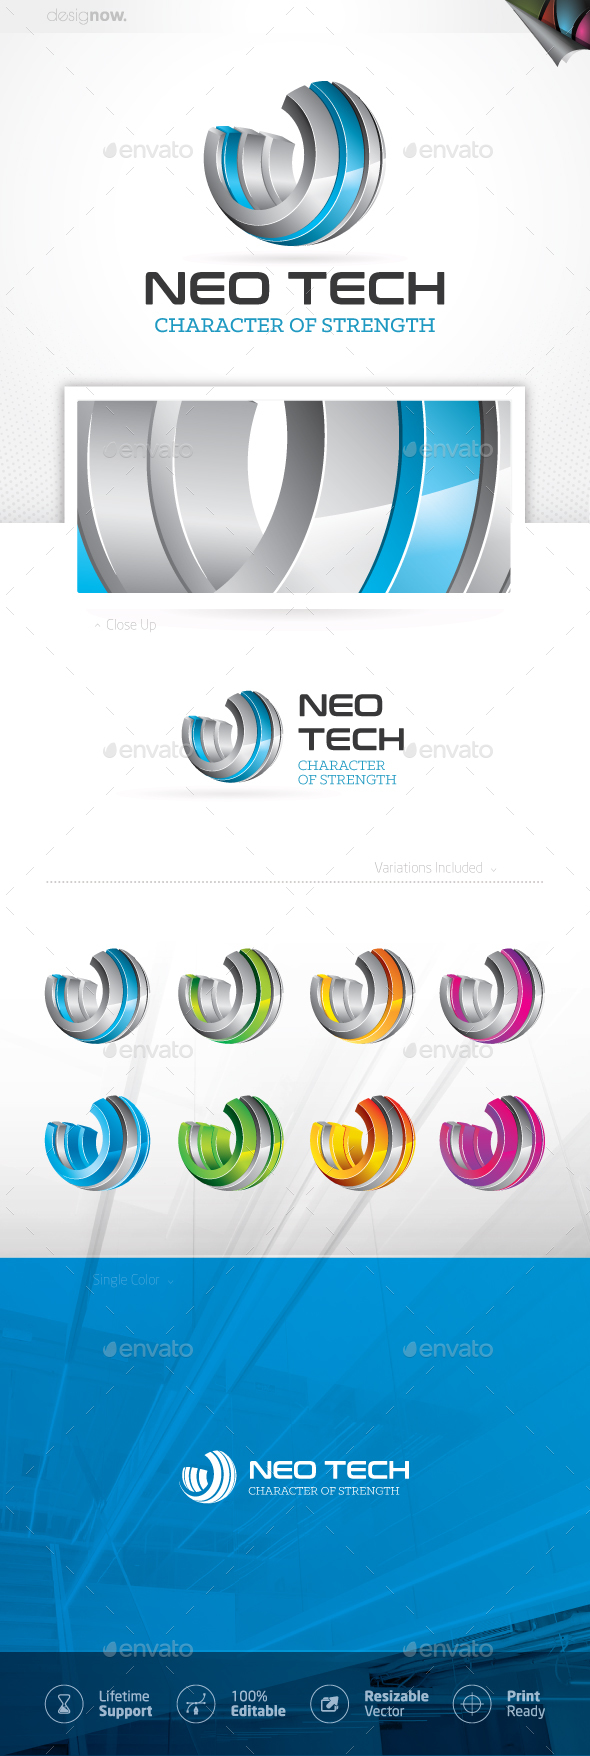 Neo Tech Logo - 3d Abstract